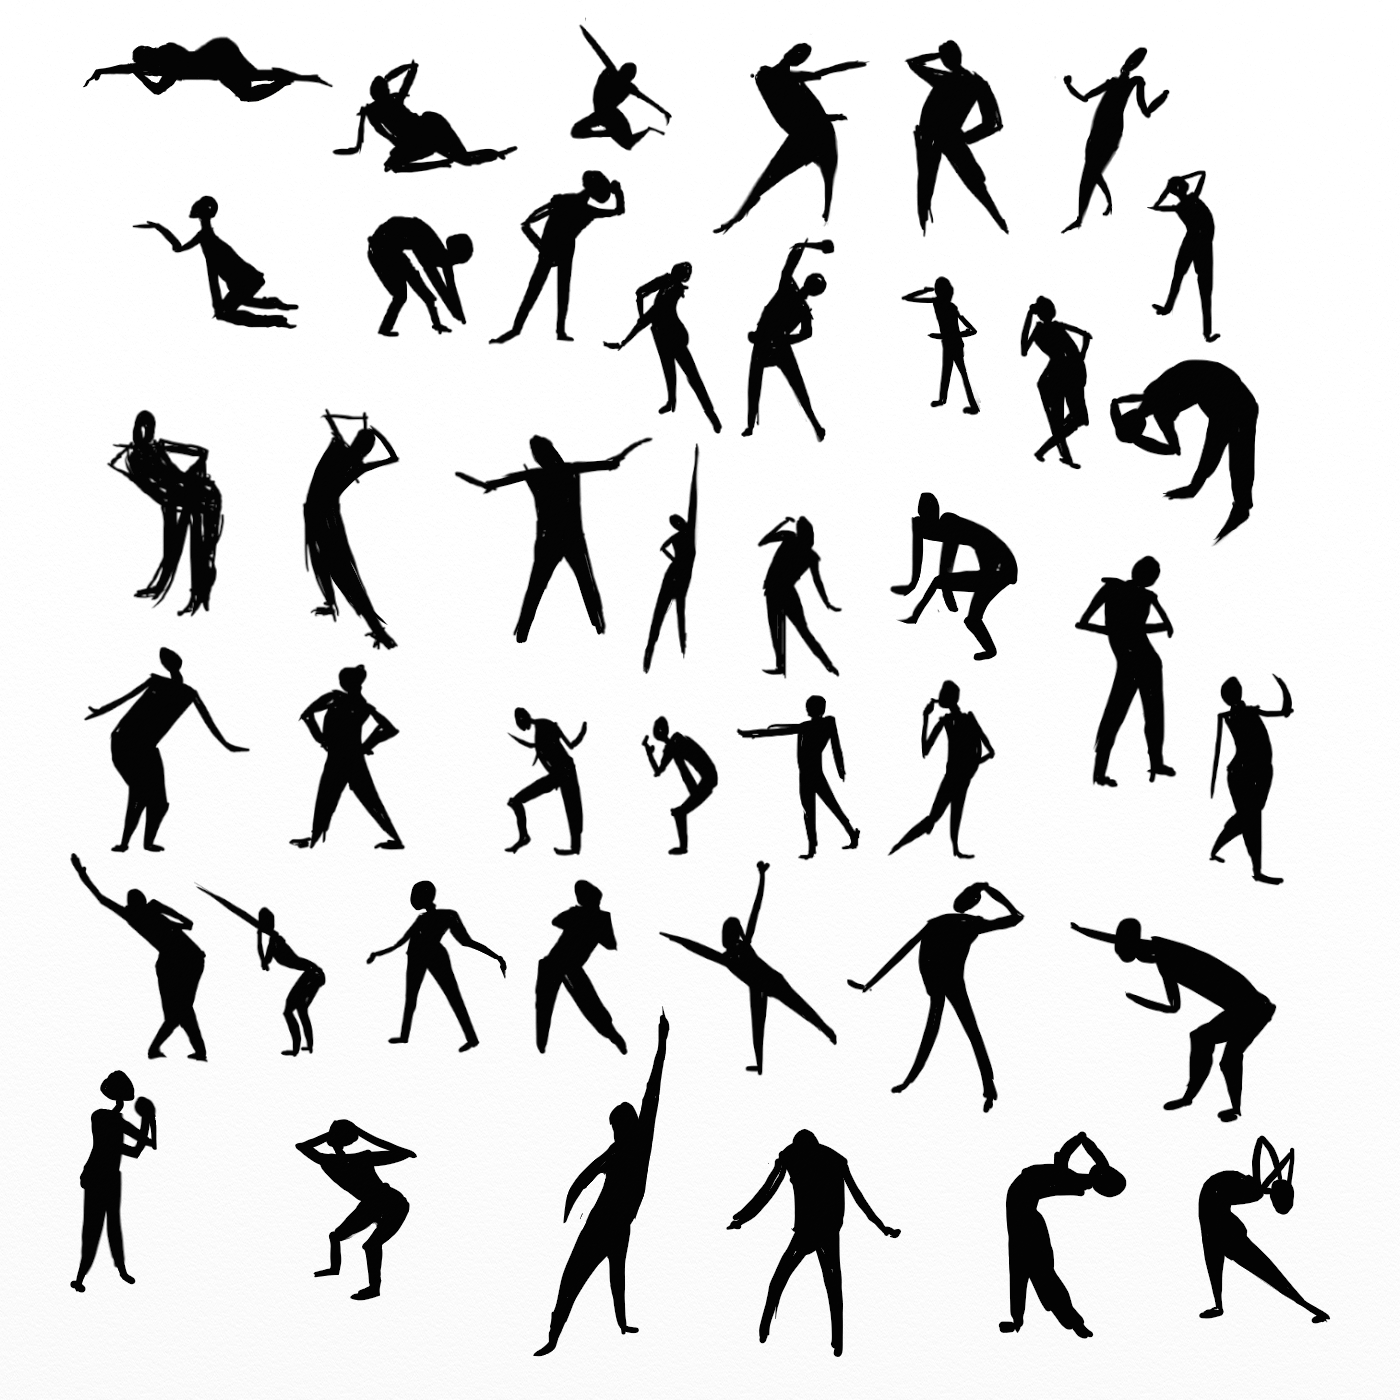 1400x1400 Schoolism Gesture Drawing Weeks 1, 2, Amp 3 Dalrek Davis Art